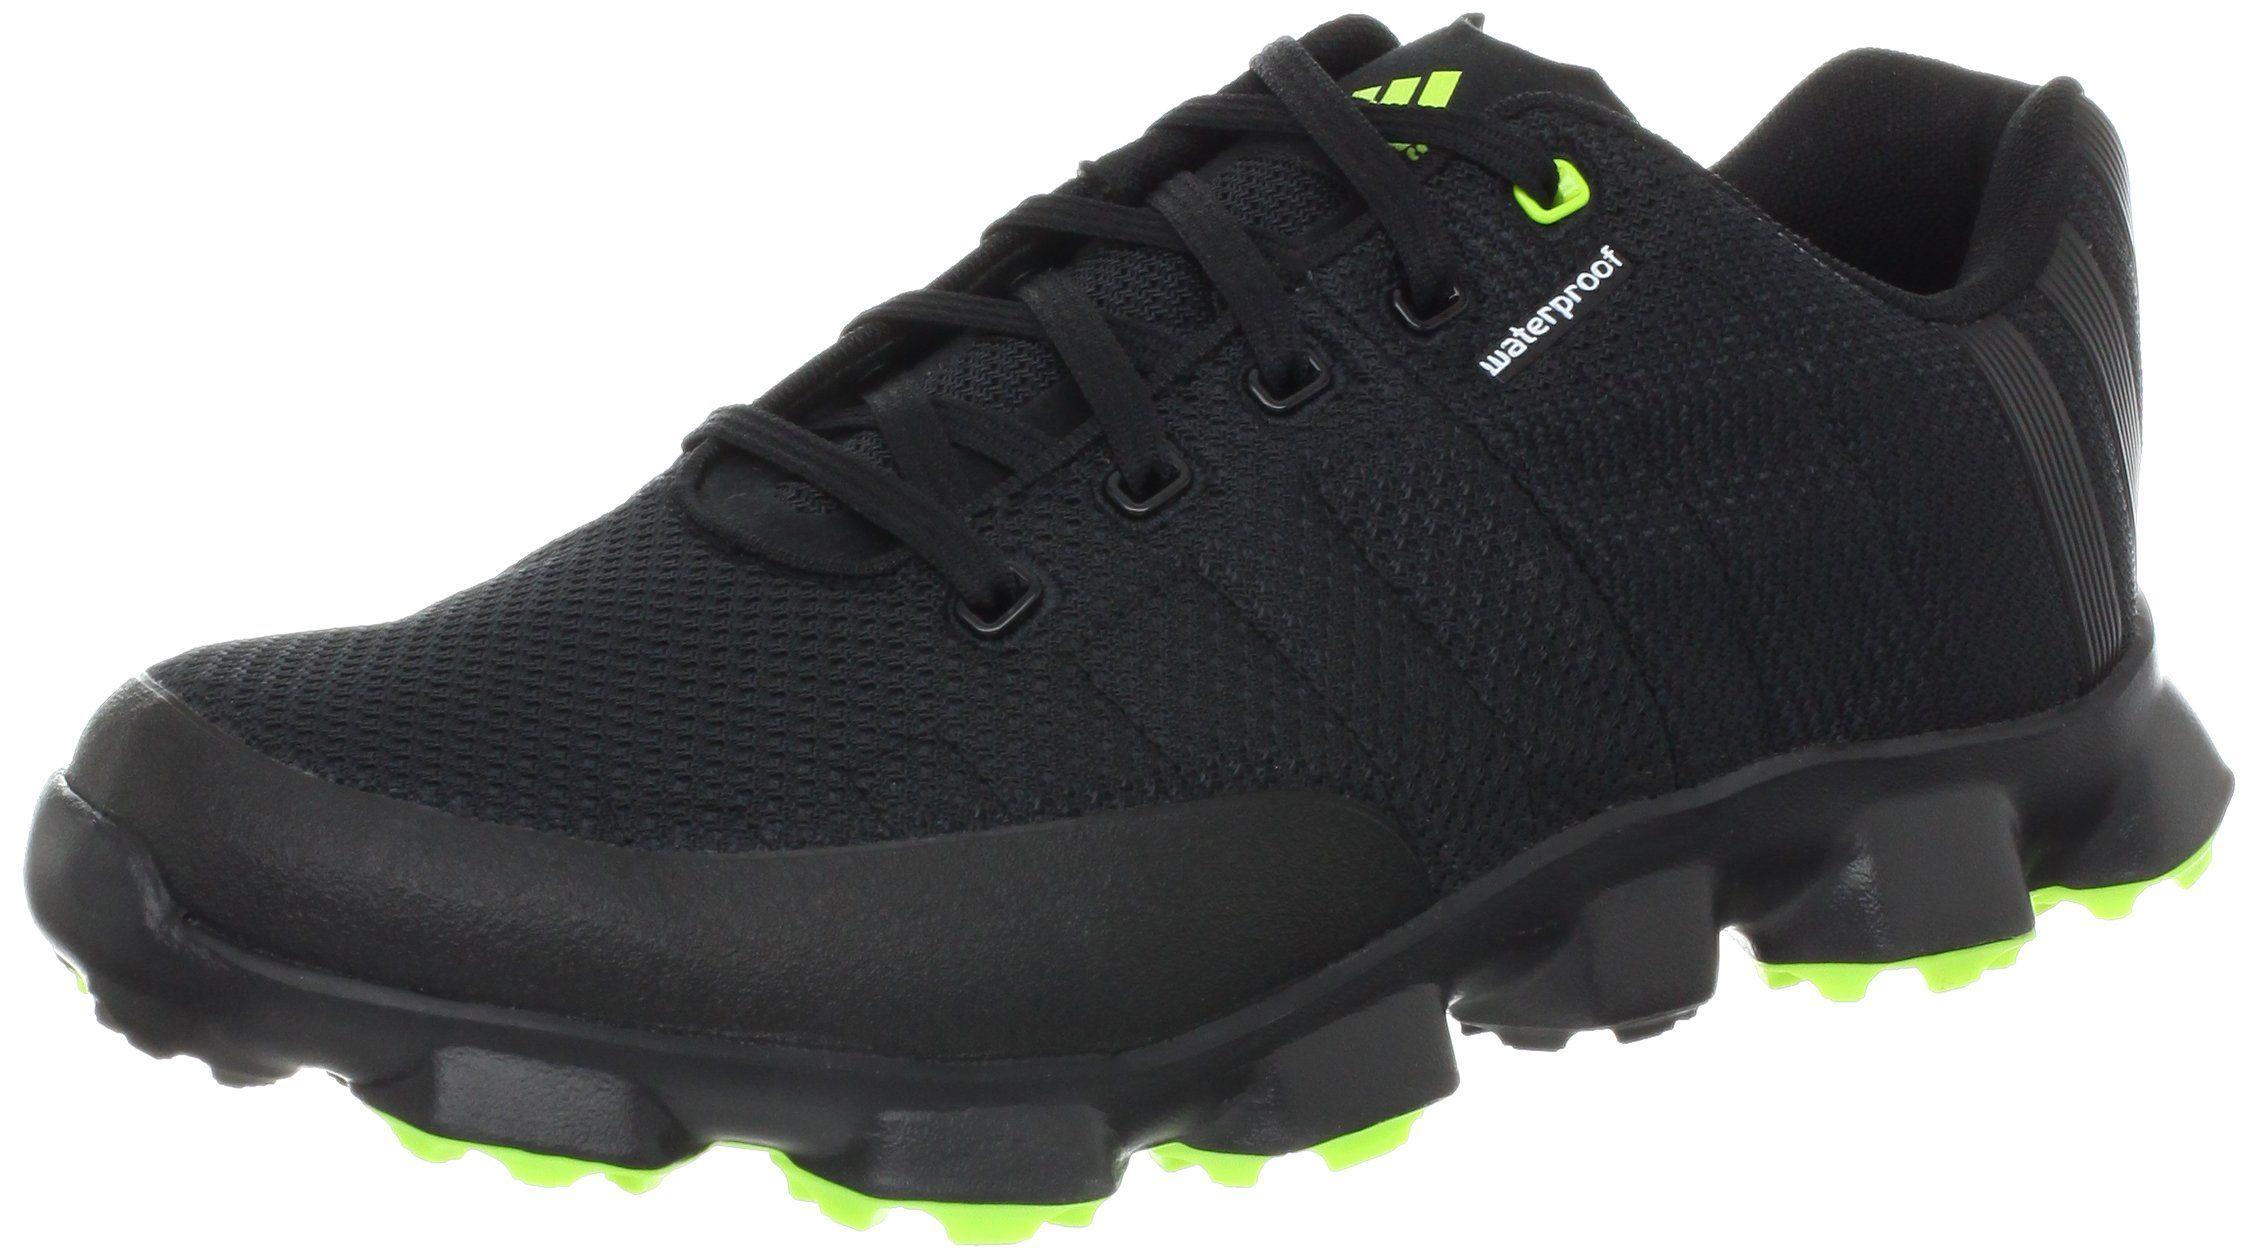 Adidas uomini crossflex scarpa da golf, nero / nero / melma, 10 milioni di noi le scarpe